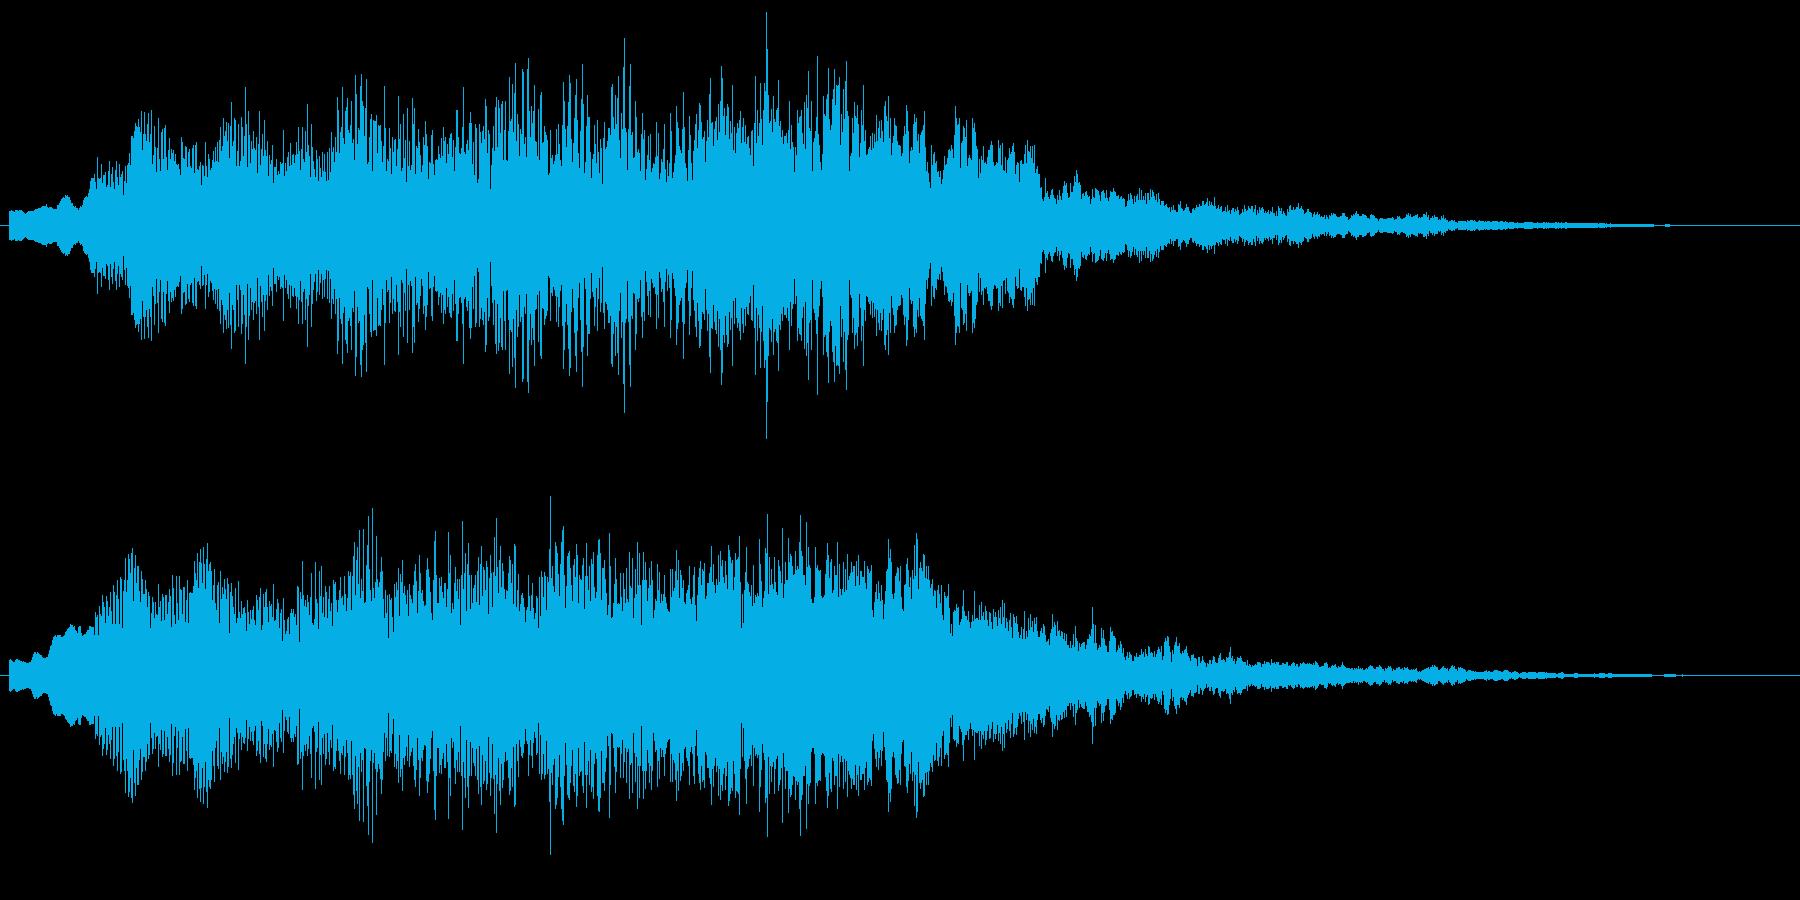 綺麗に澄んだ音 柔らかい音 サウンドロゴの再生済みの波形